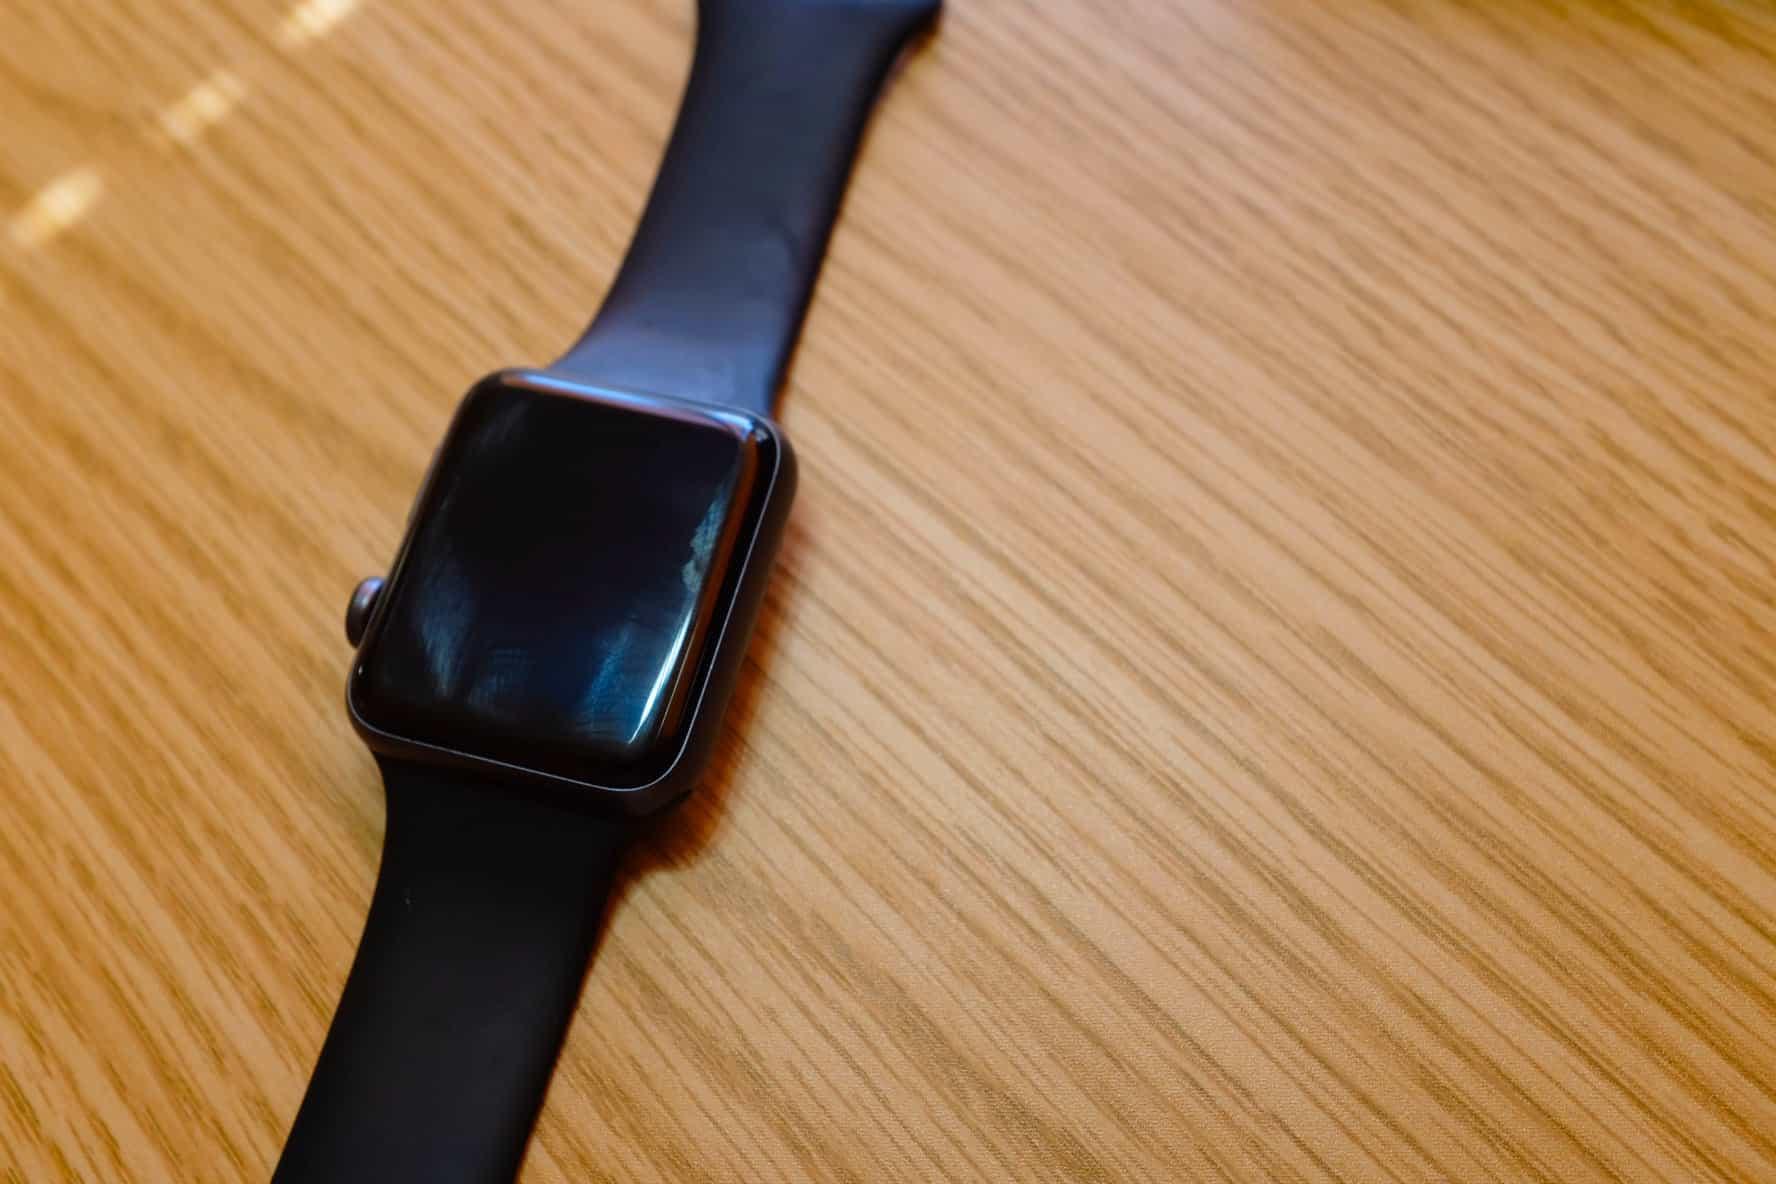 Apple Watch Series 3、よく見たらすげー傷だらけ